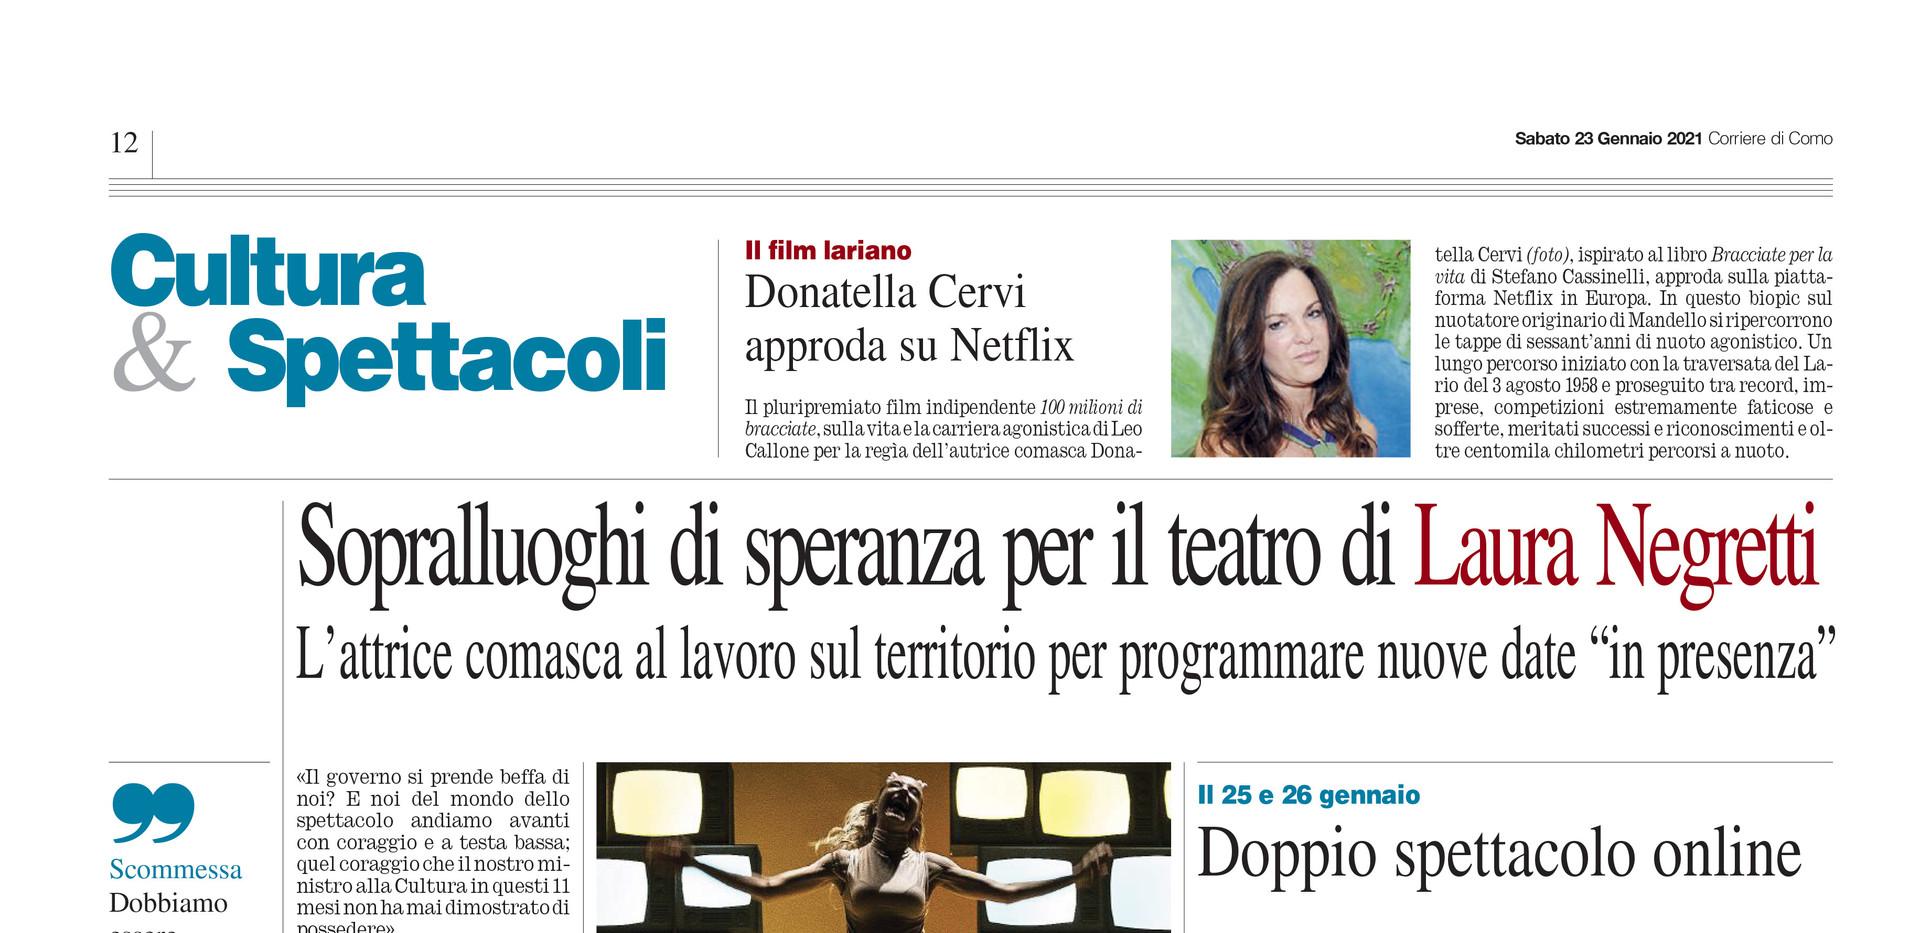 Corriere-23-Gennaio-2021.jpg